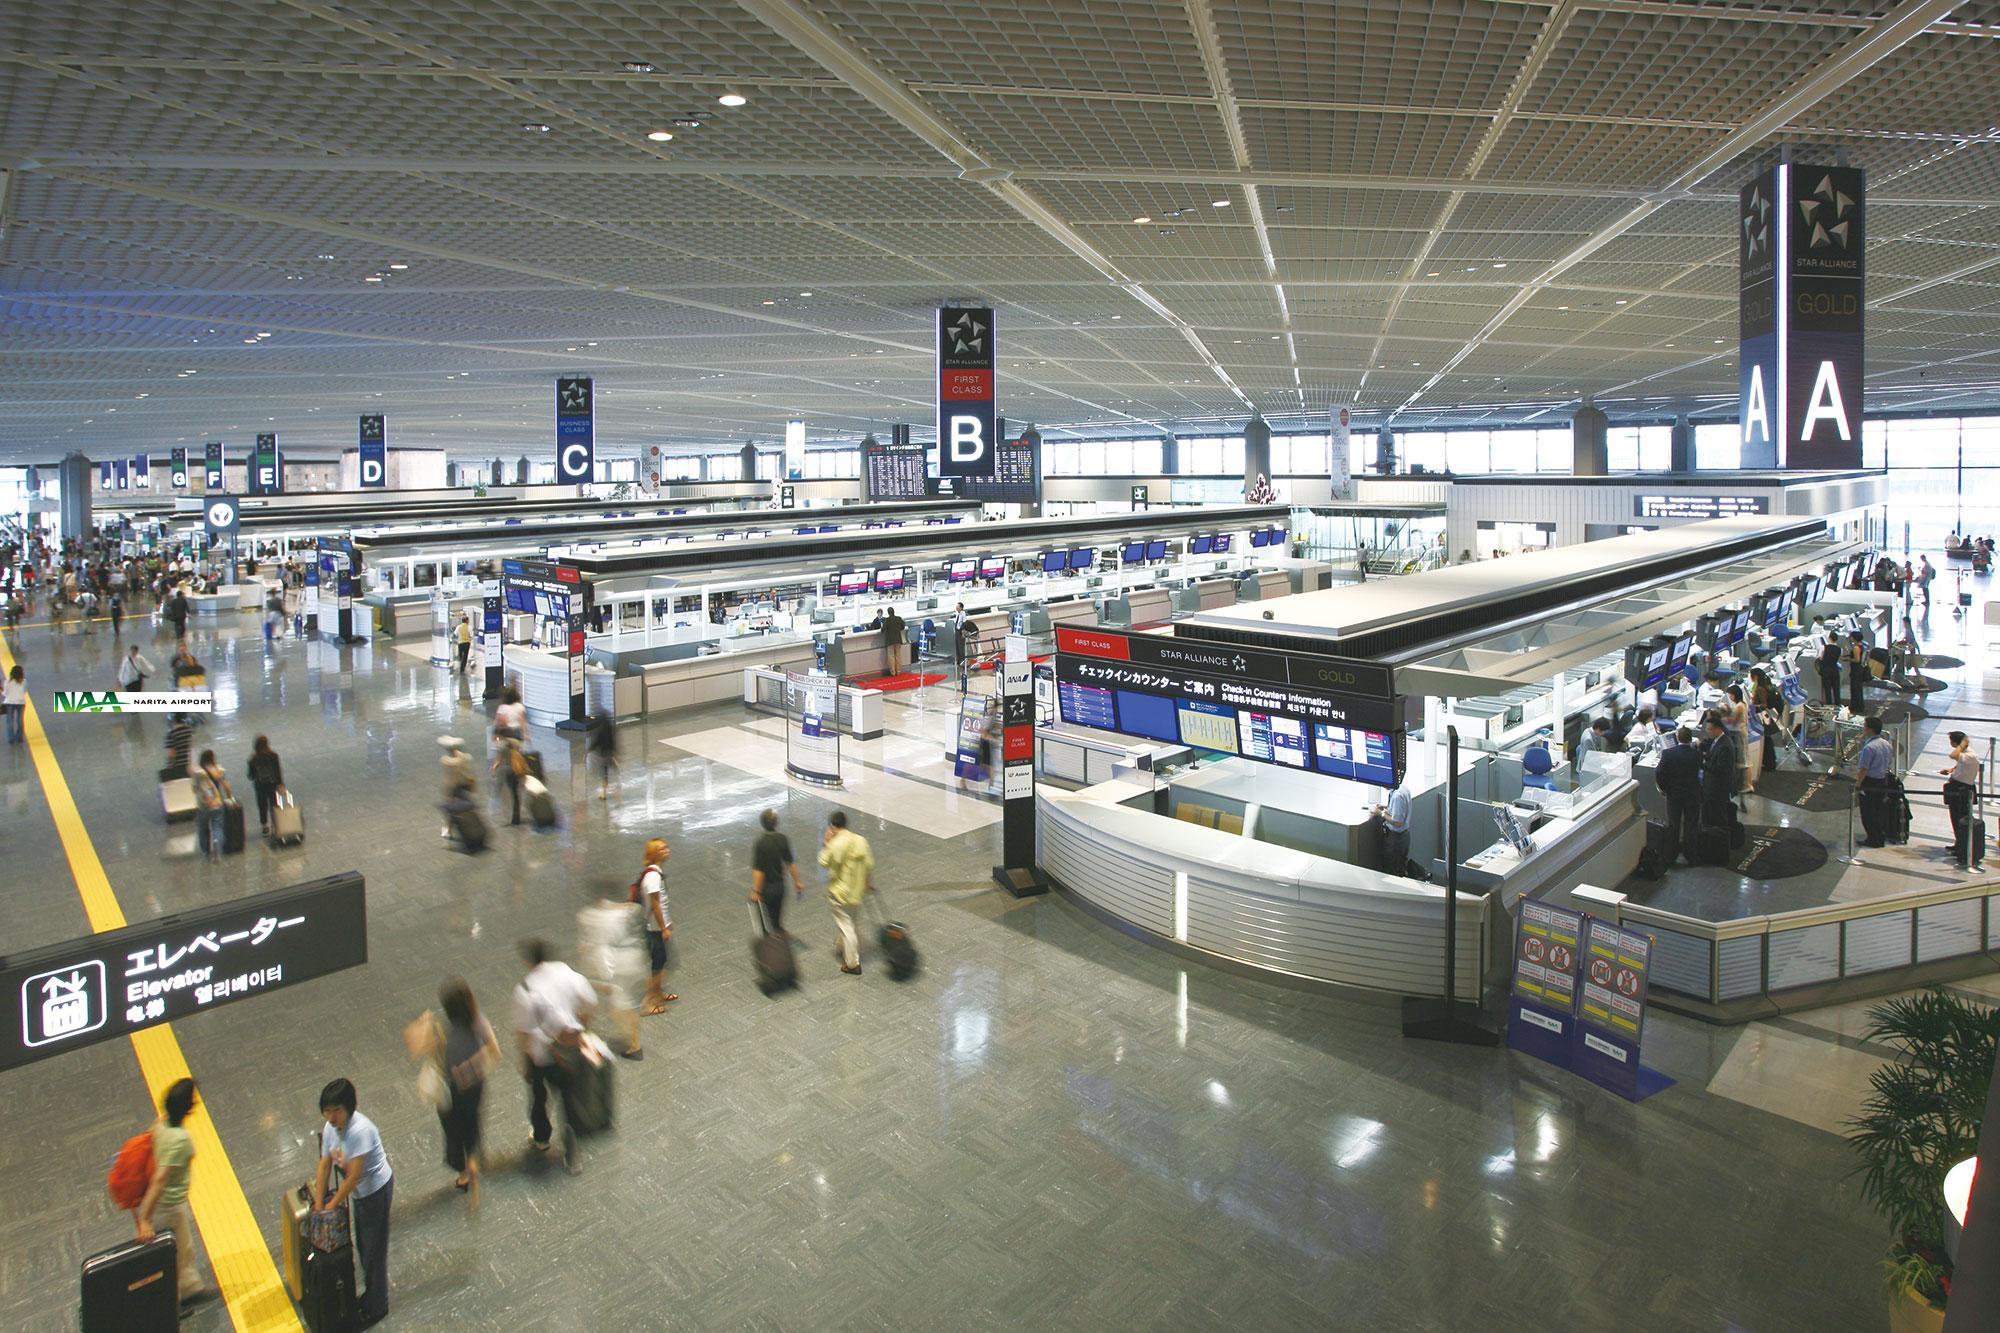 成田国際空港第1旅客ターミナルビル|Work|梓設計